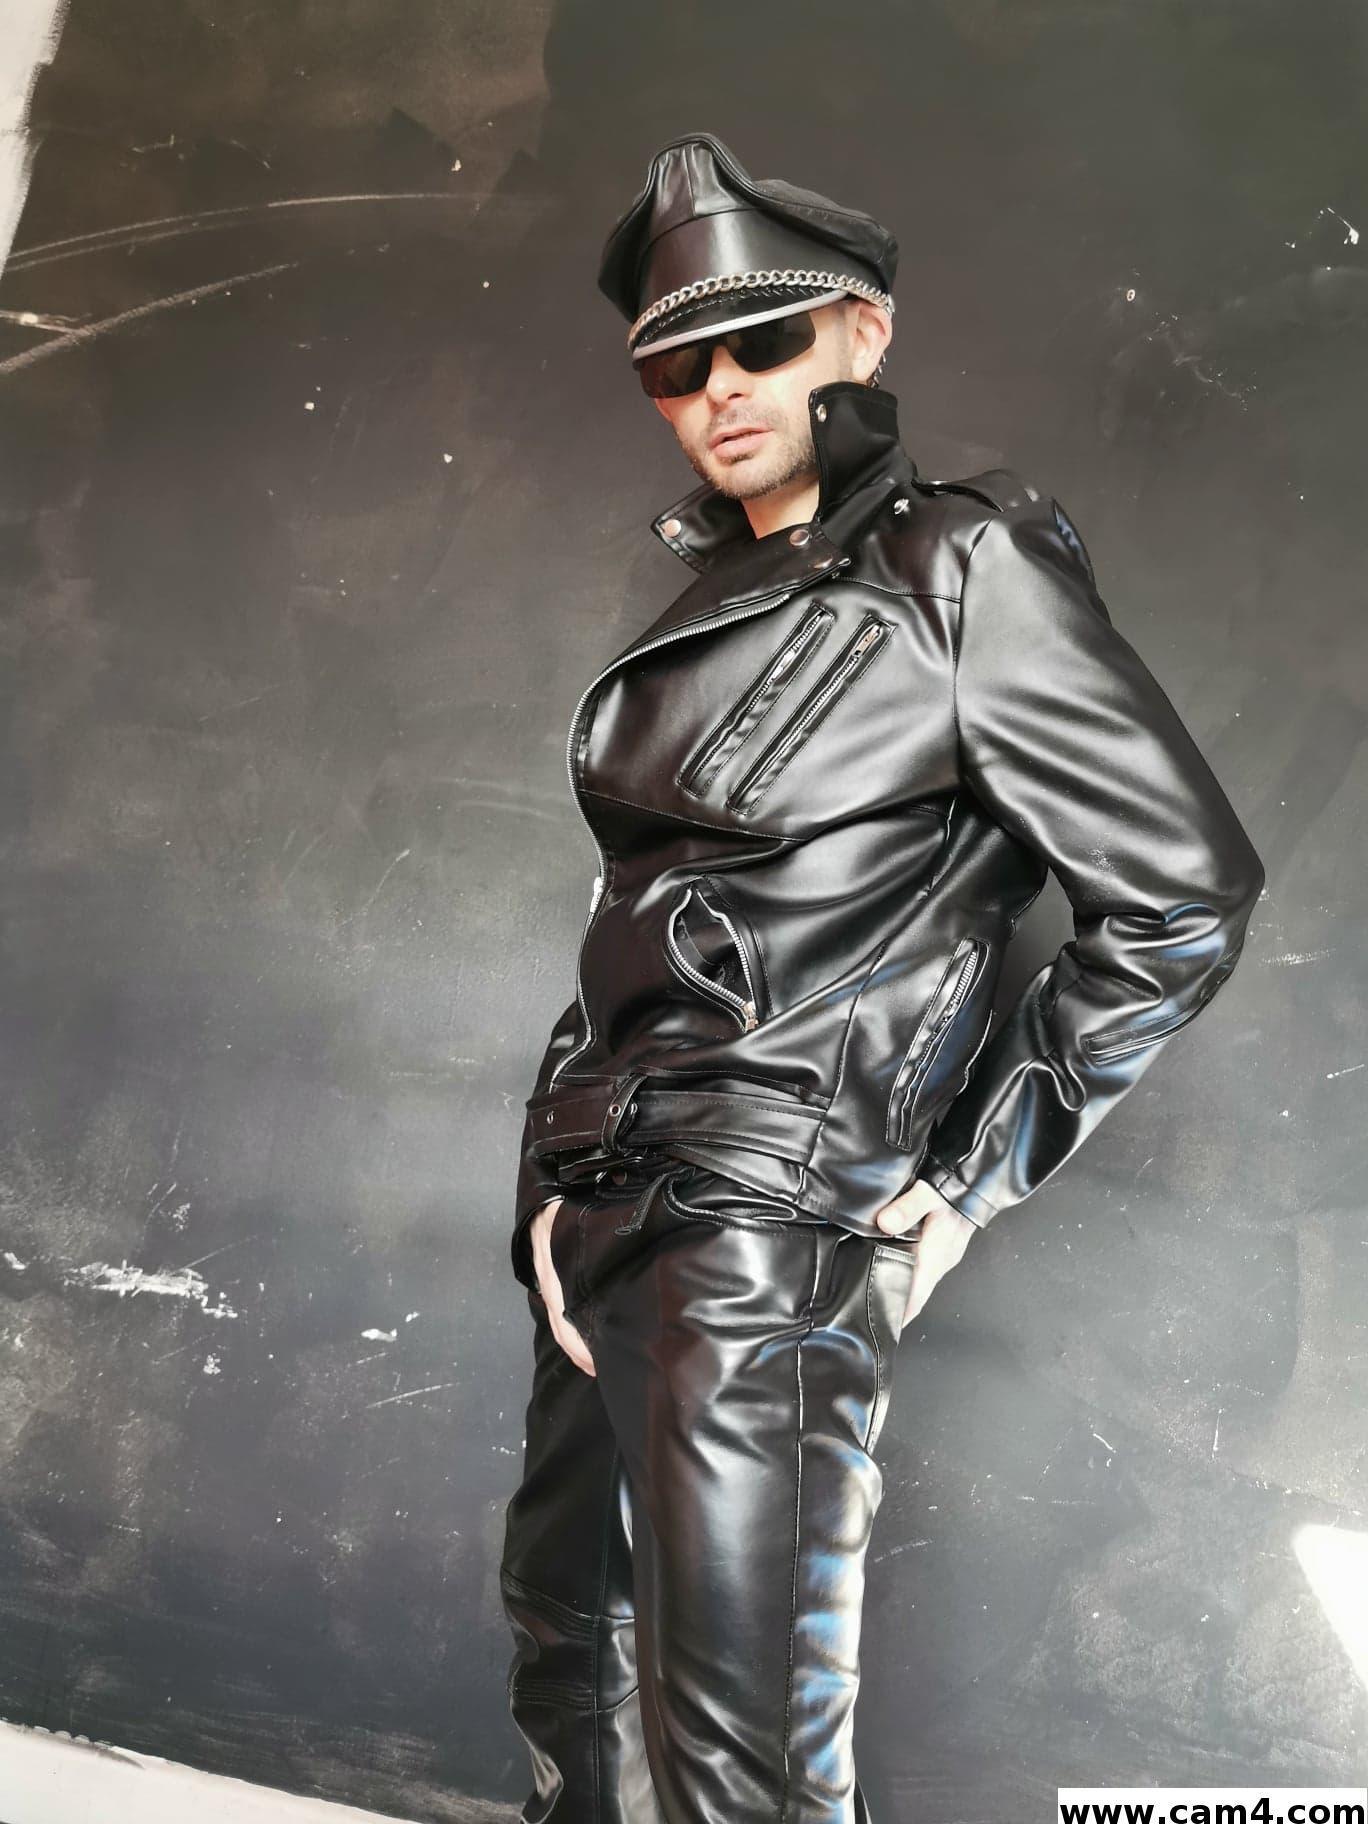 Leather sexy?s=yqjhm9ww2jecqlwlkyy6c68luou57gygszoimccyt24=